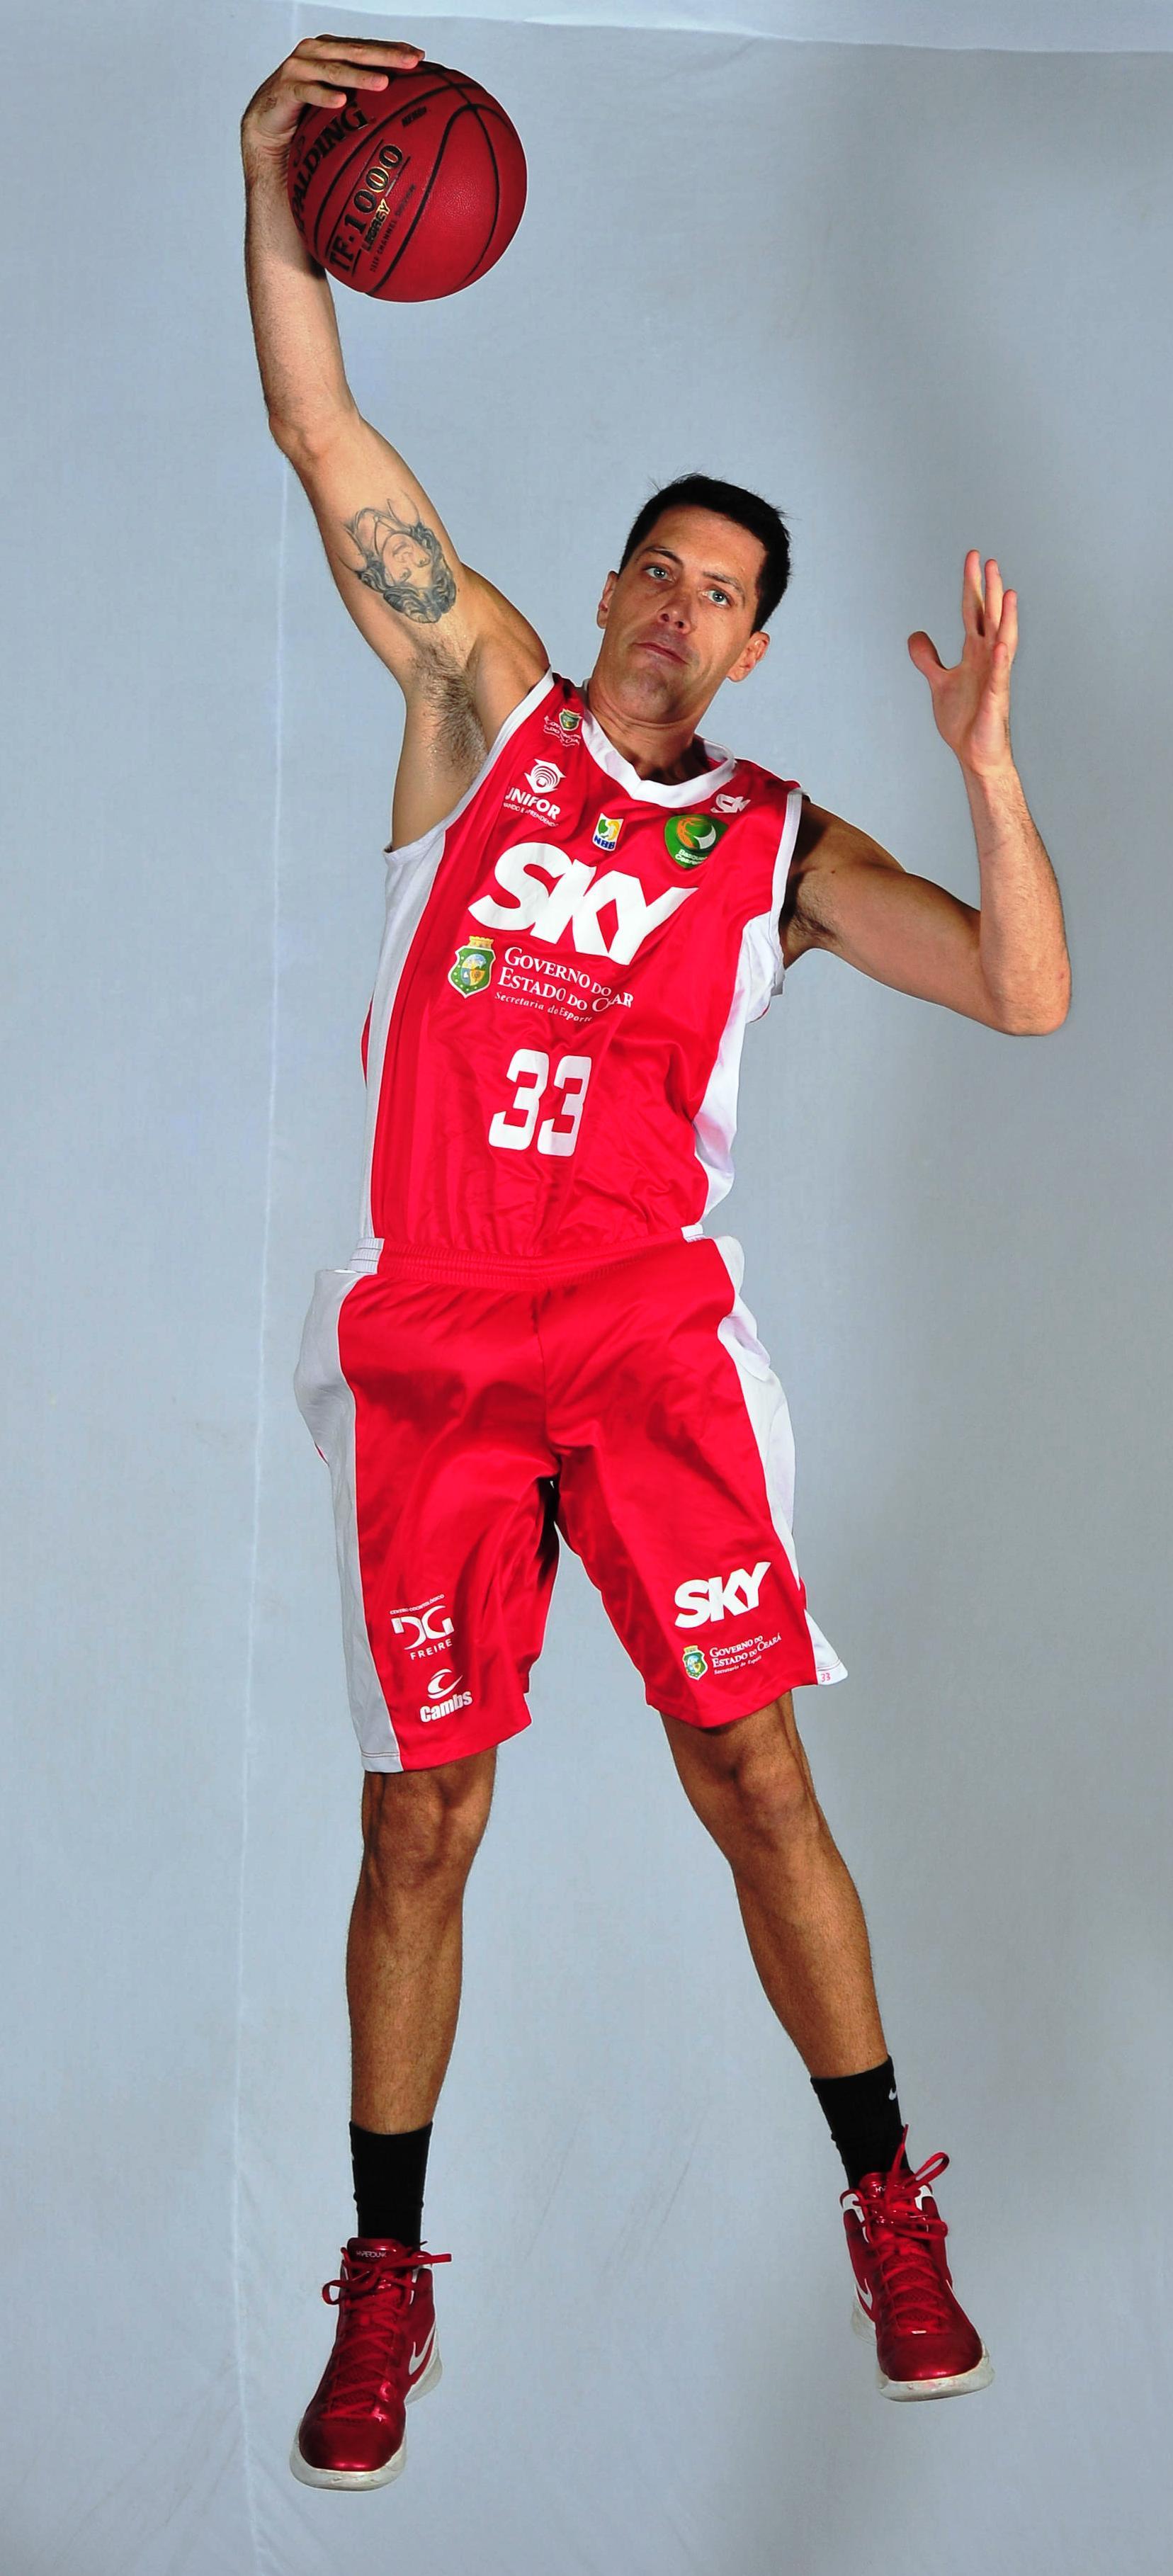 Felipe Ribeiro pode ser o oitavo jogador a completar 1.000 rebotes na história do NBB (João Pires/LNB)